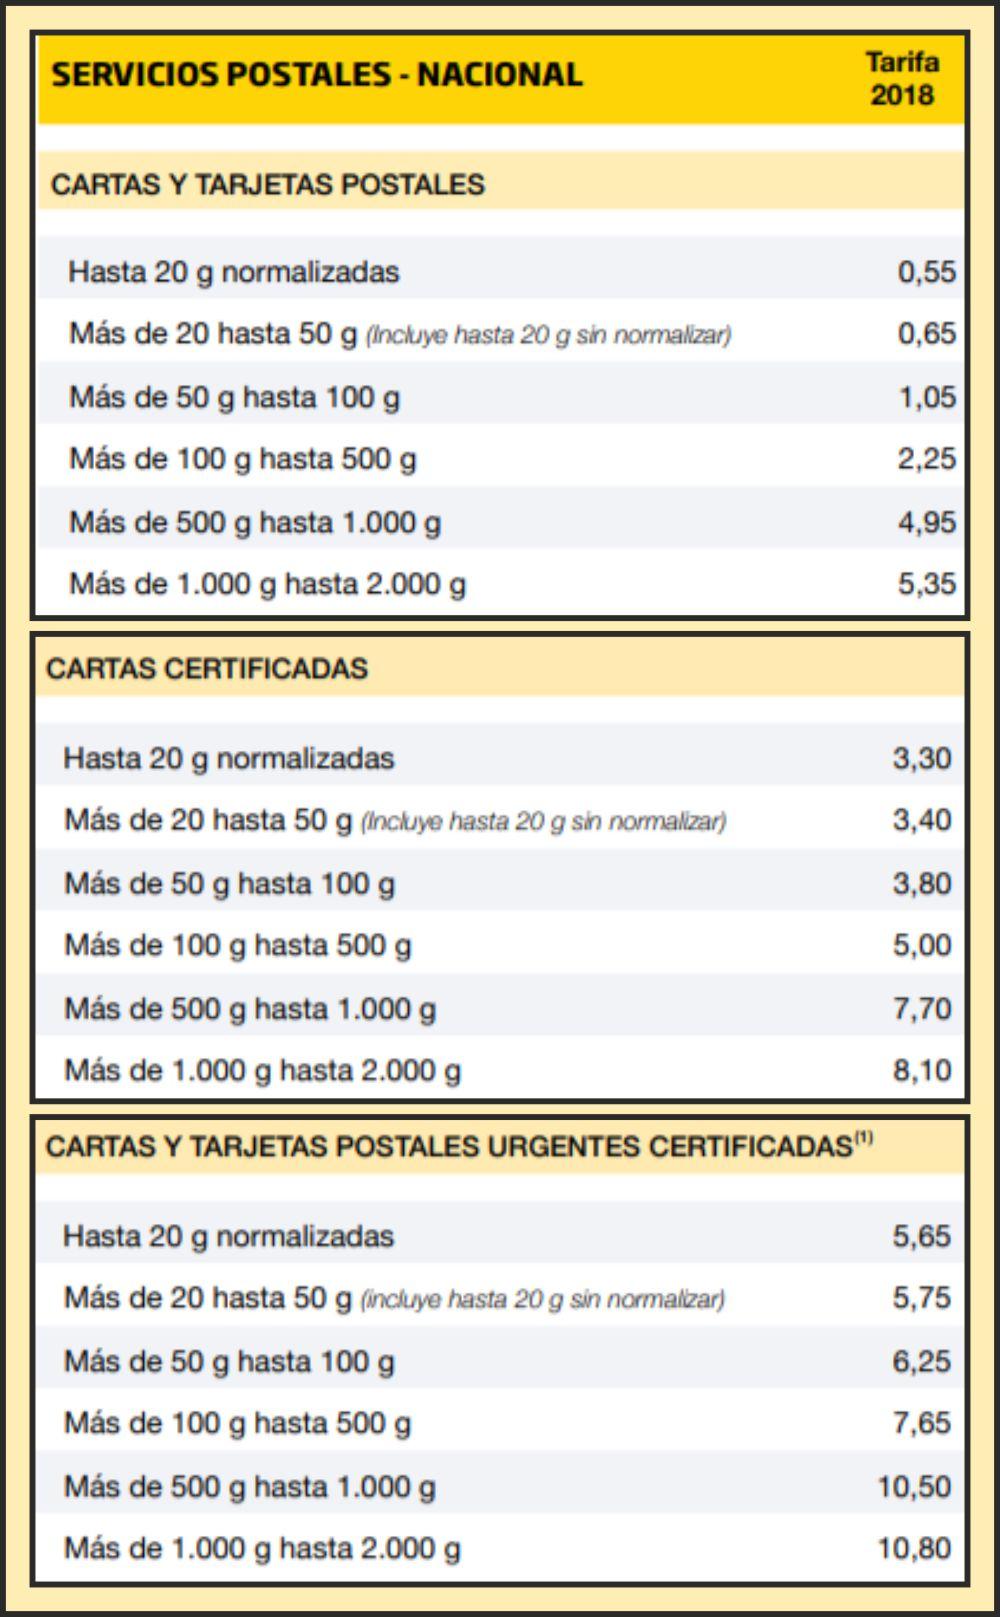 CORREOS NORMAL CERTIFICADO URGENTE.jpg